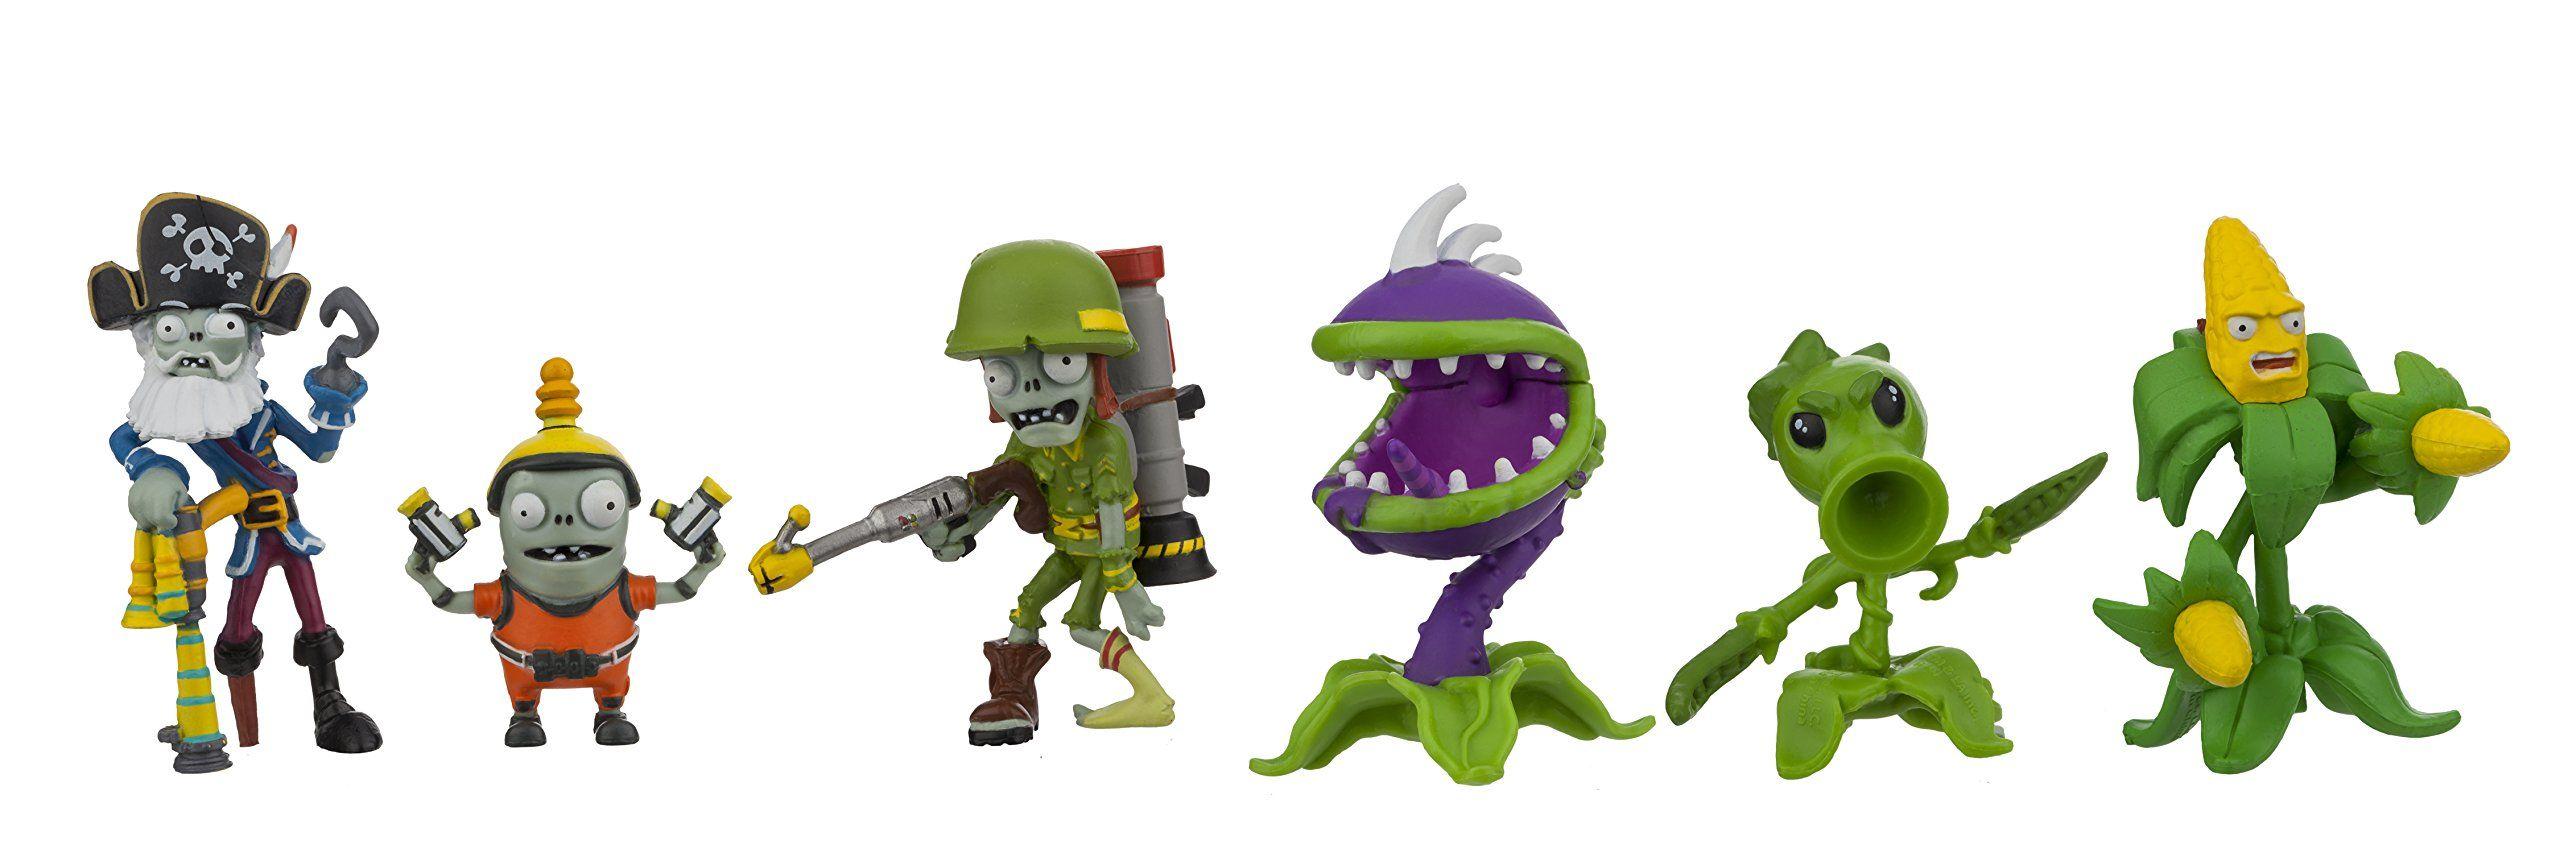 Plants vs  Zombies GW2 Action Figure (6 Pack), 2